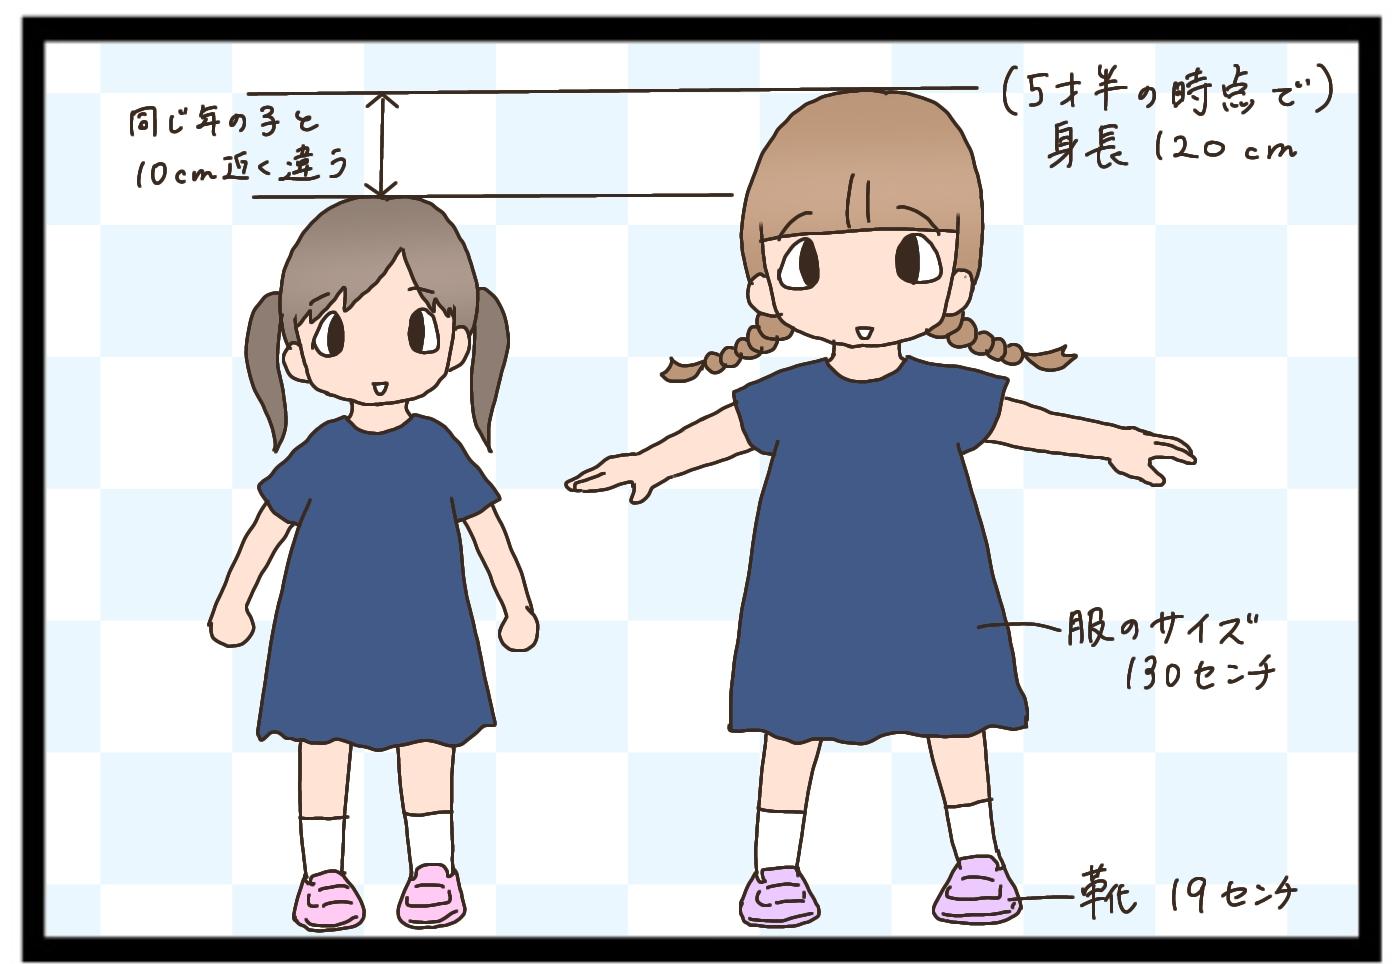 キャラクターのついた服を着たい! 大きめちゃんな娘の服の悩みとは?